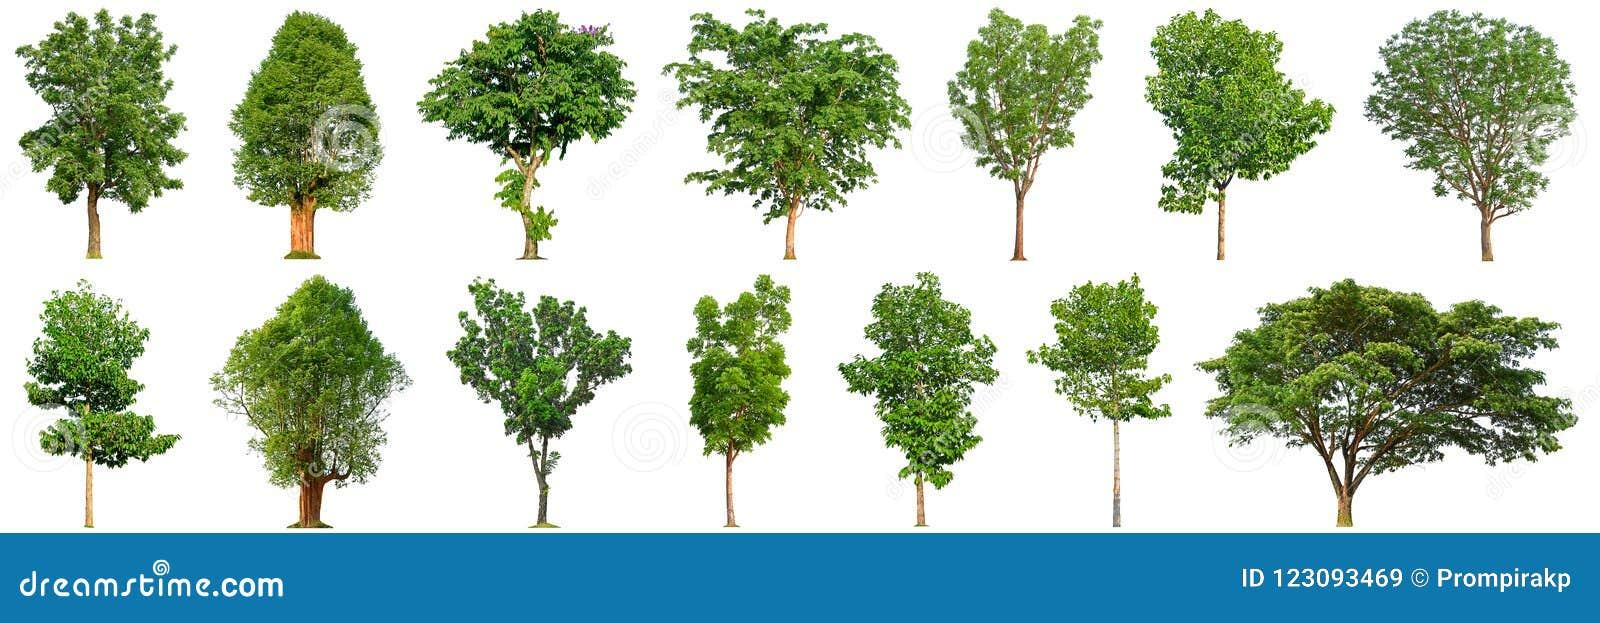 Собрание дерева изолировало на белых деревьях предпосылки 14